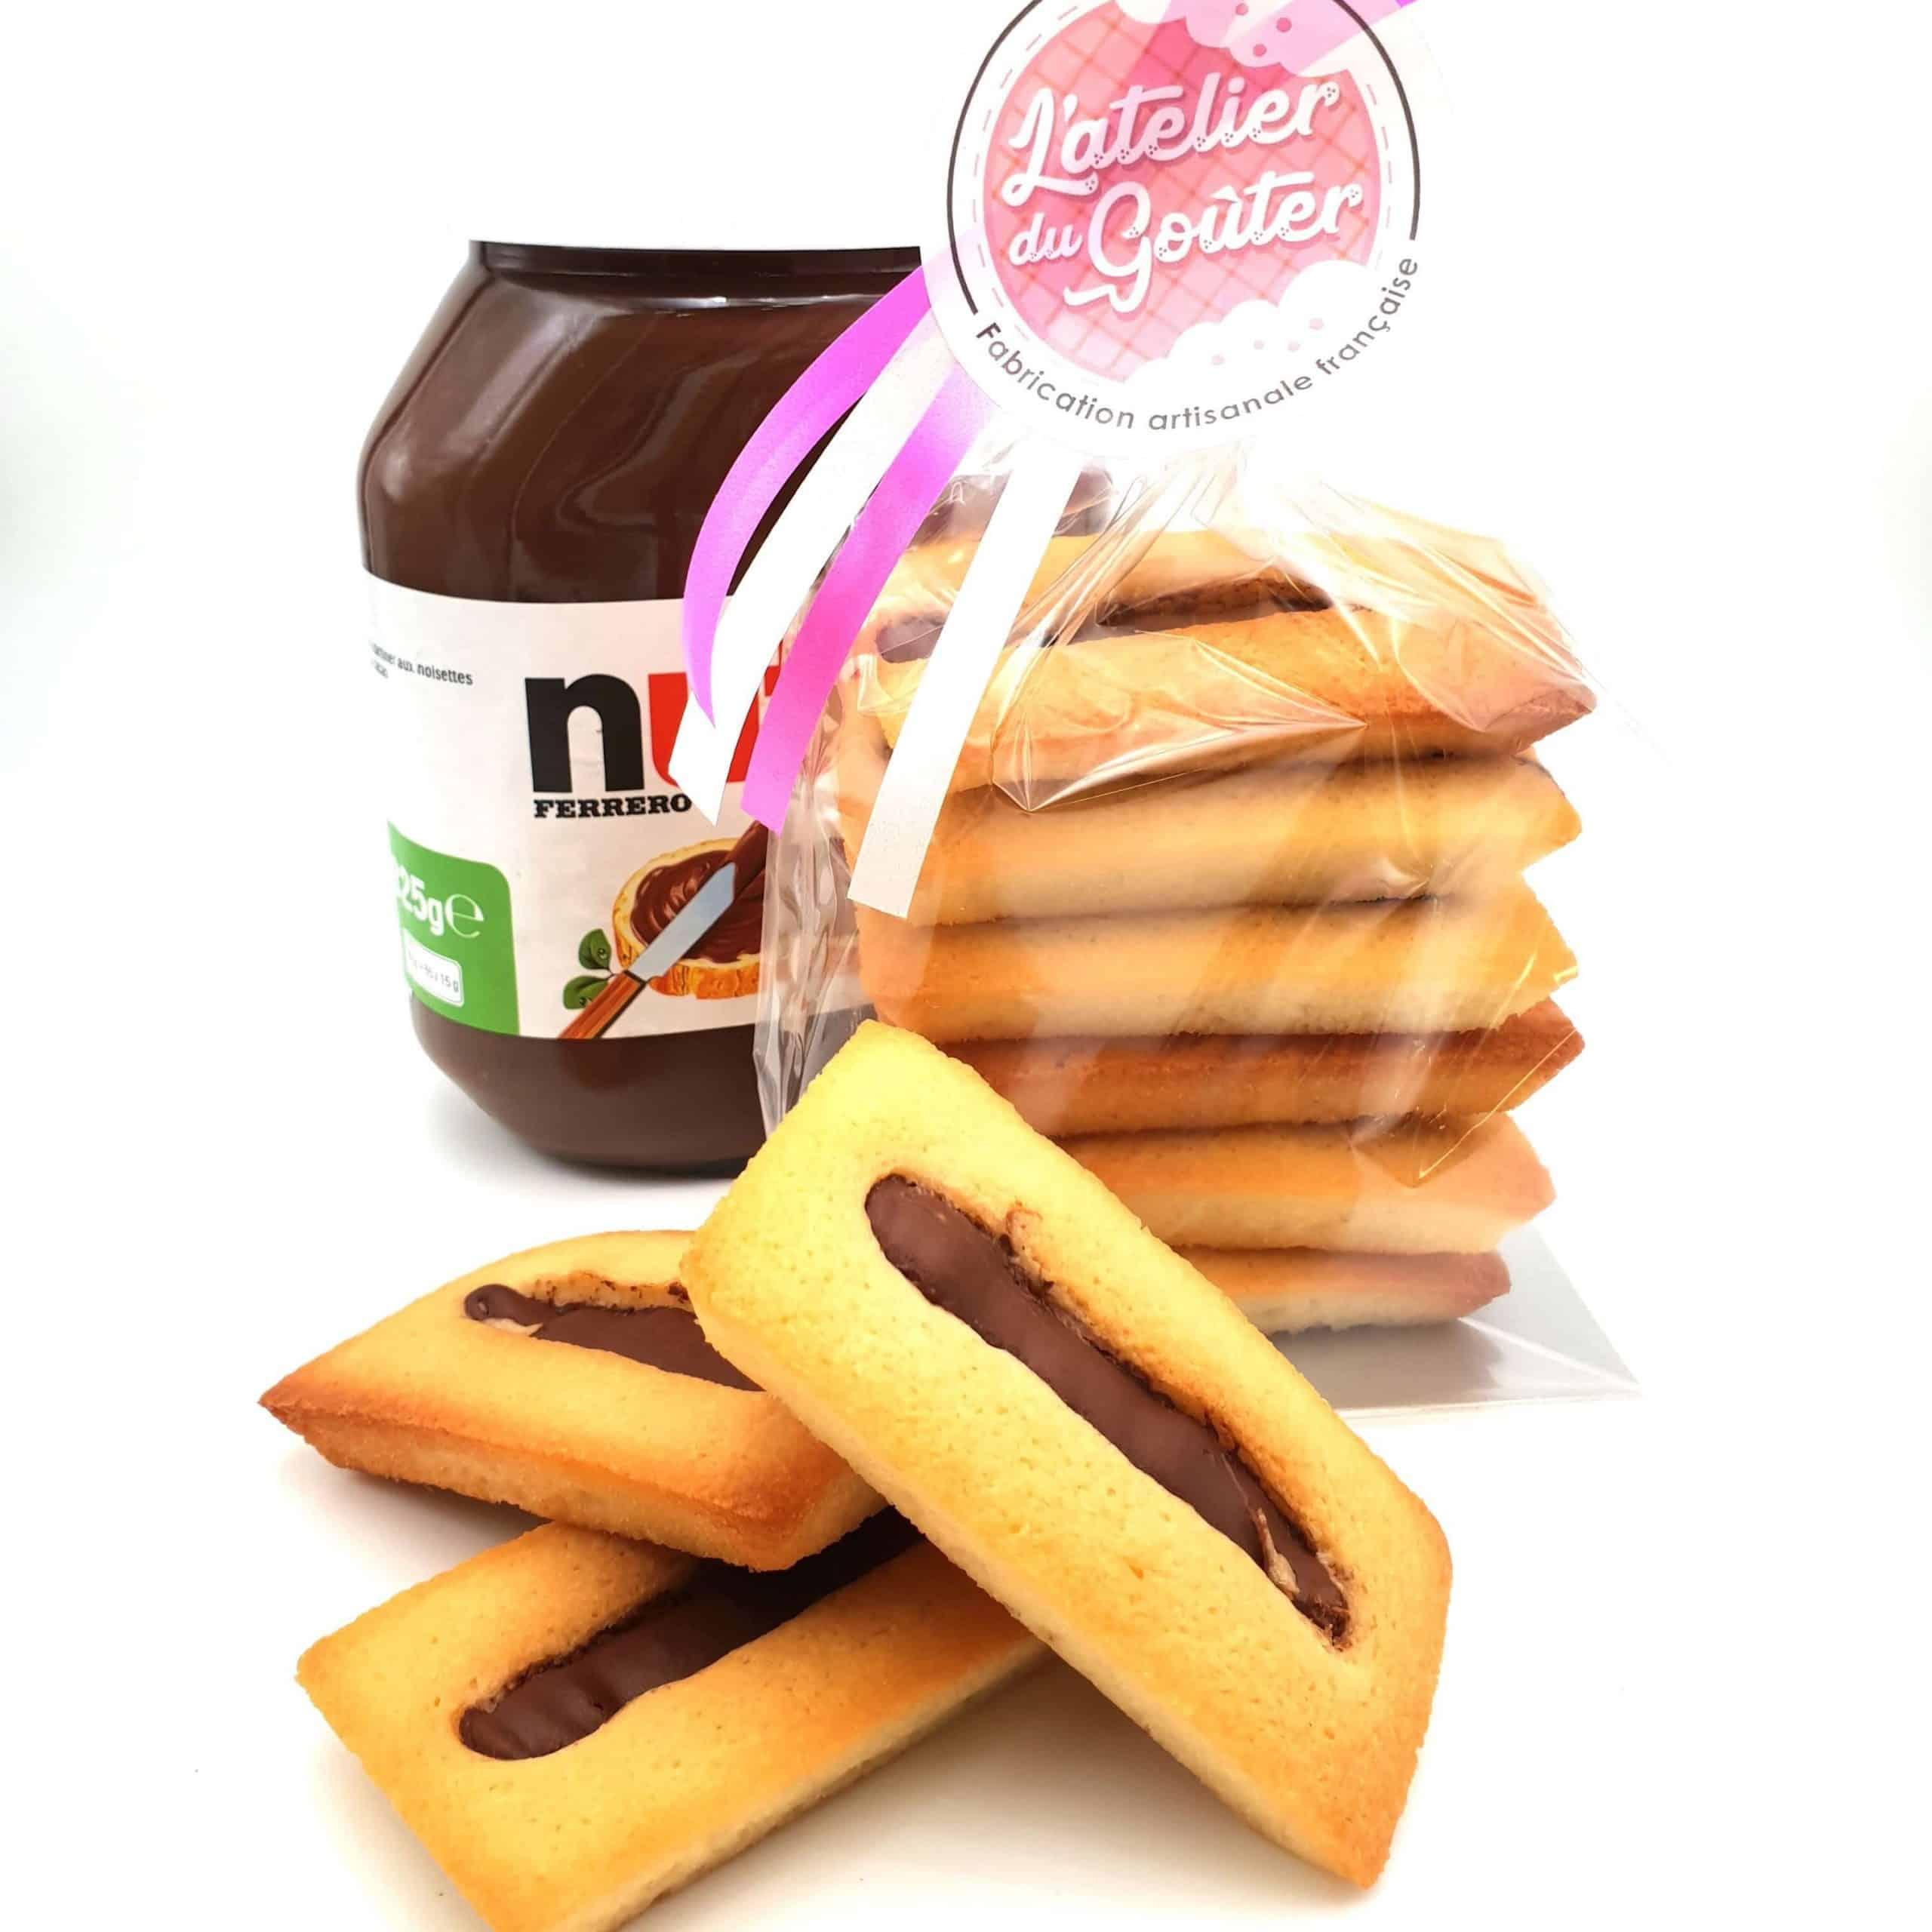 Financier Nutella